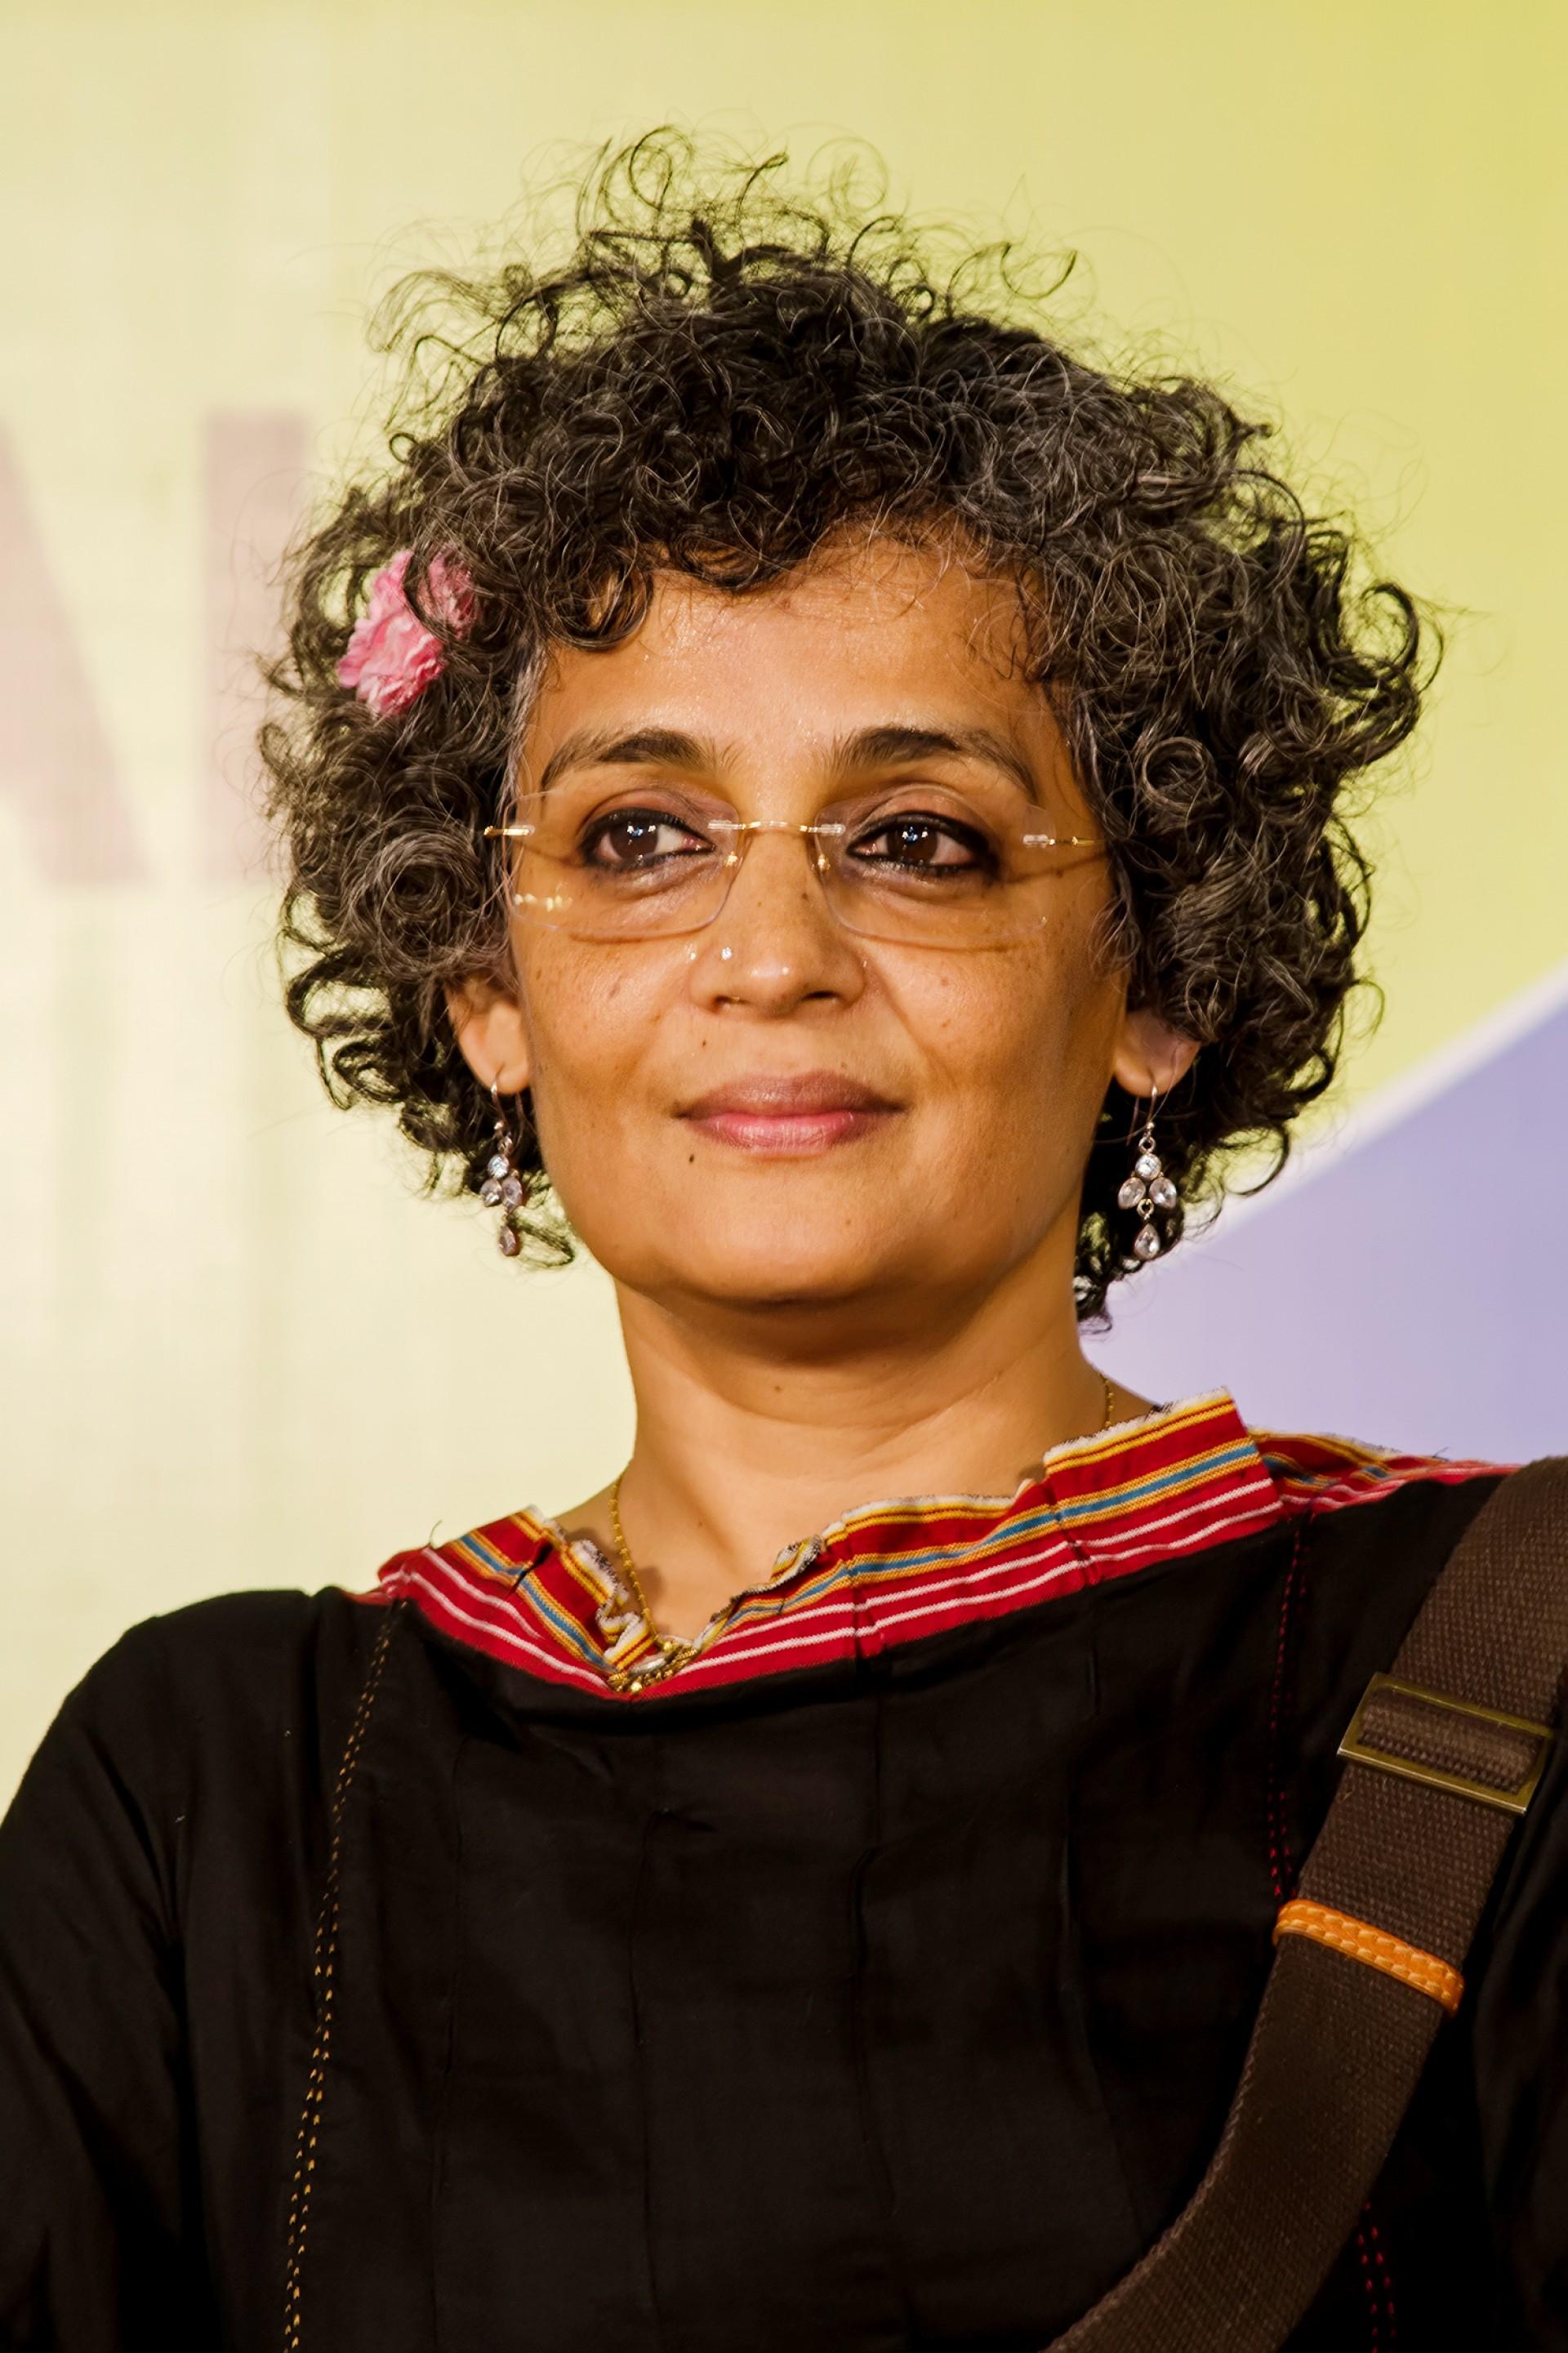 002 Arundhati Roy W Essays By Essay Sensational 1920